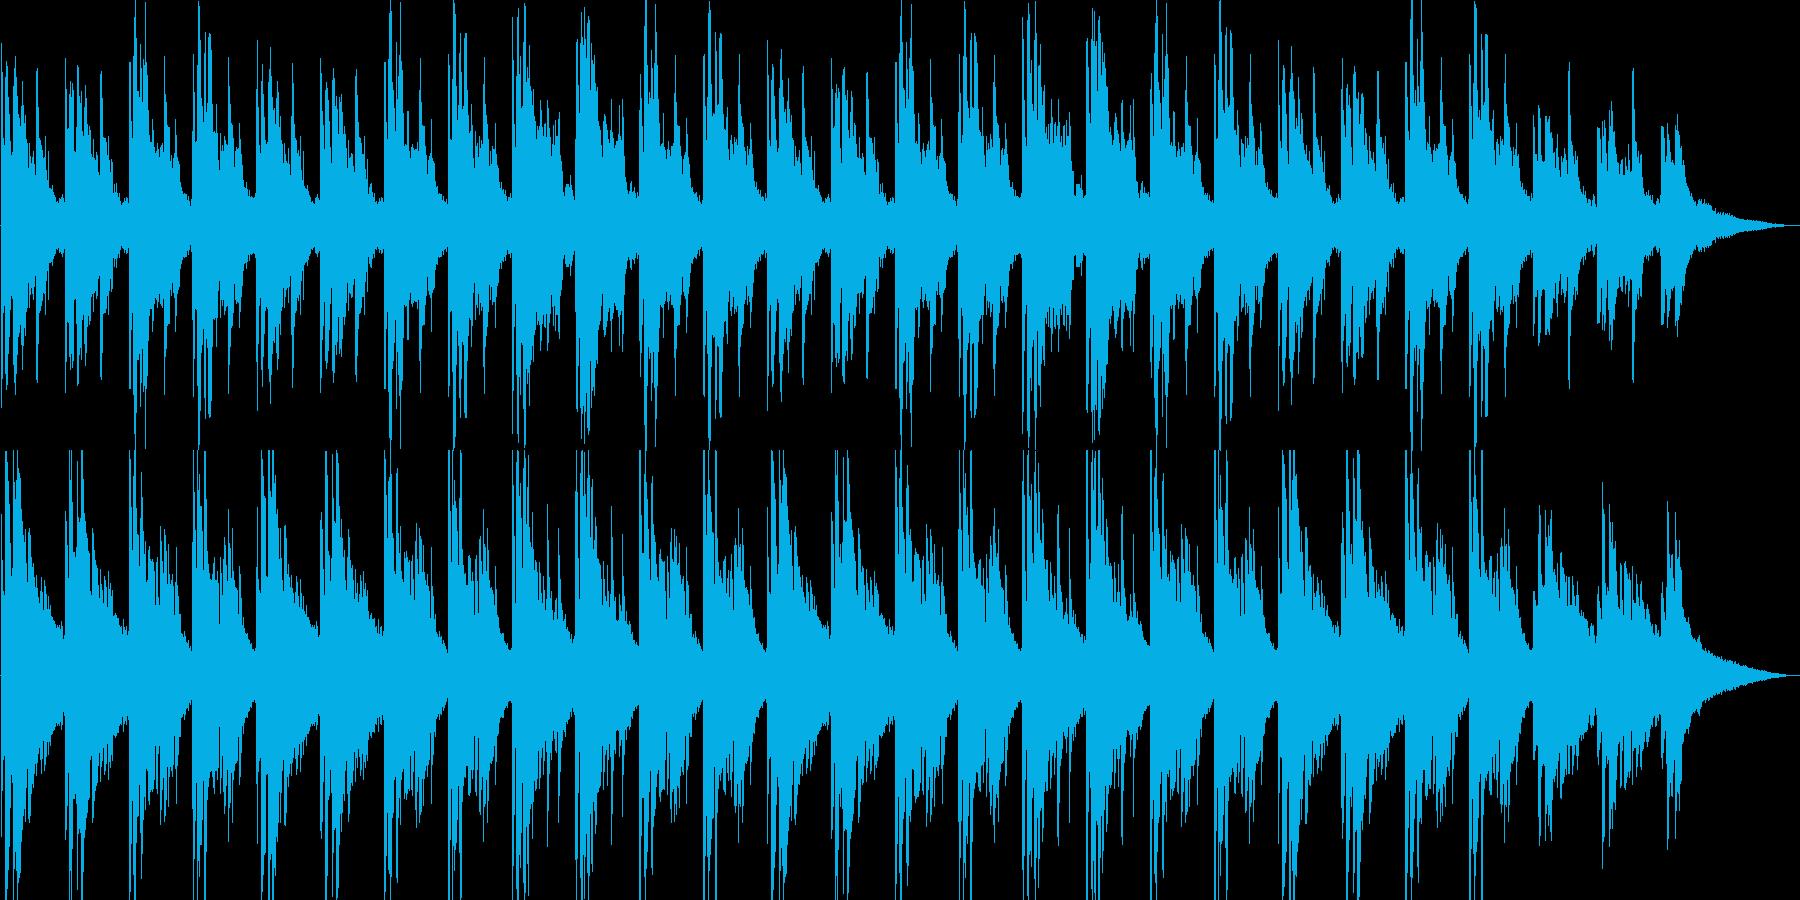 リラックス・映像・ゲーム・ナレーション用の再生済みの波形